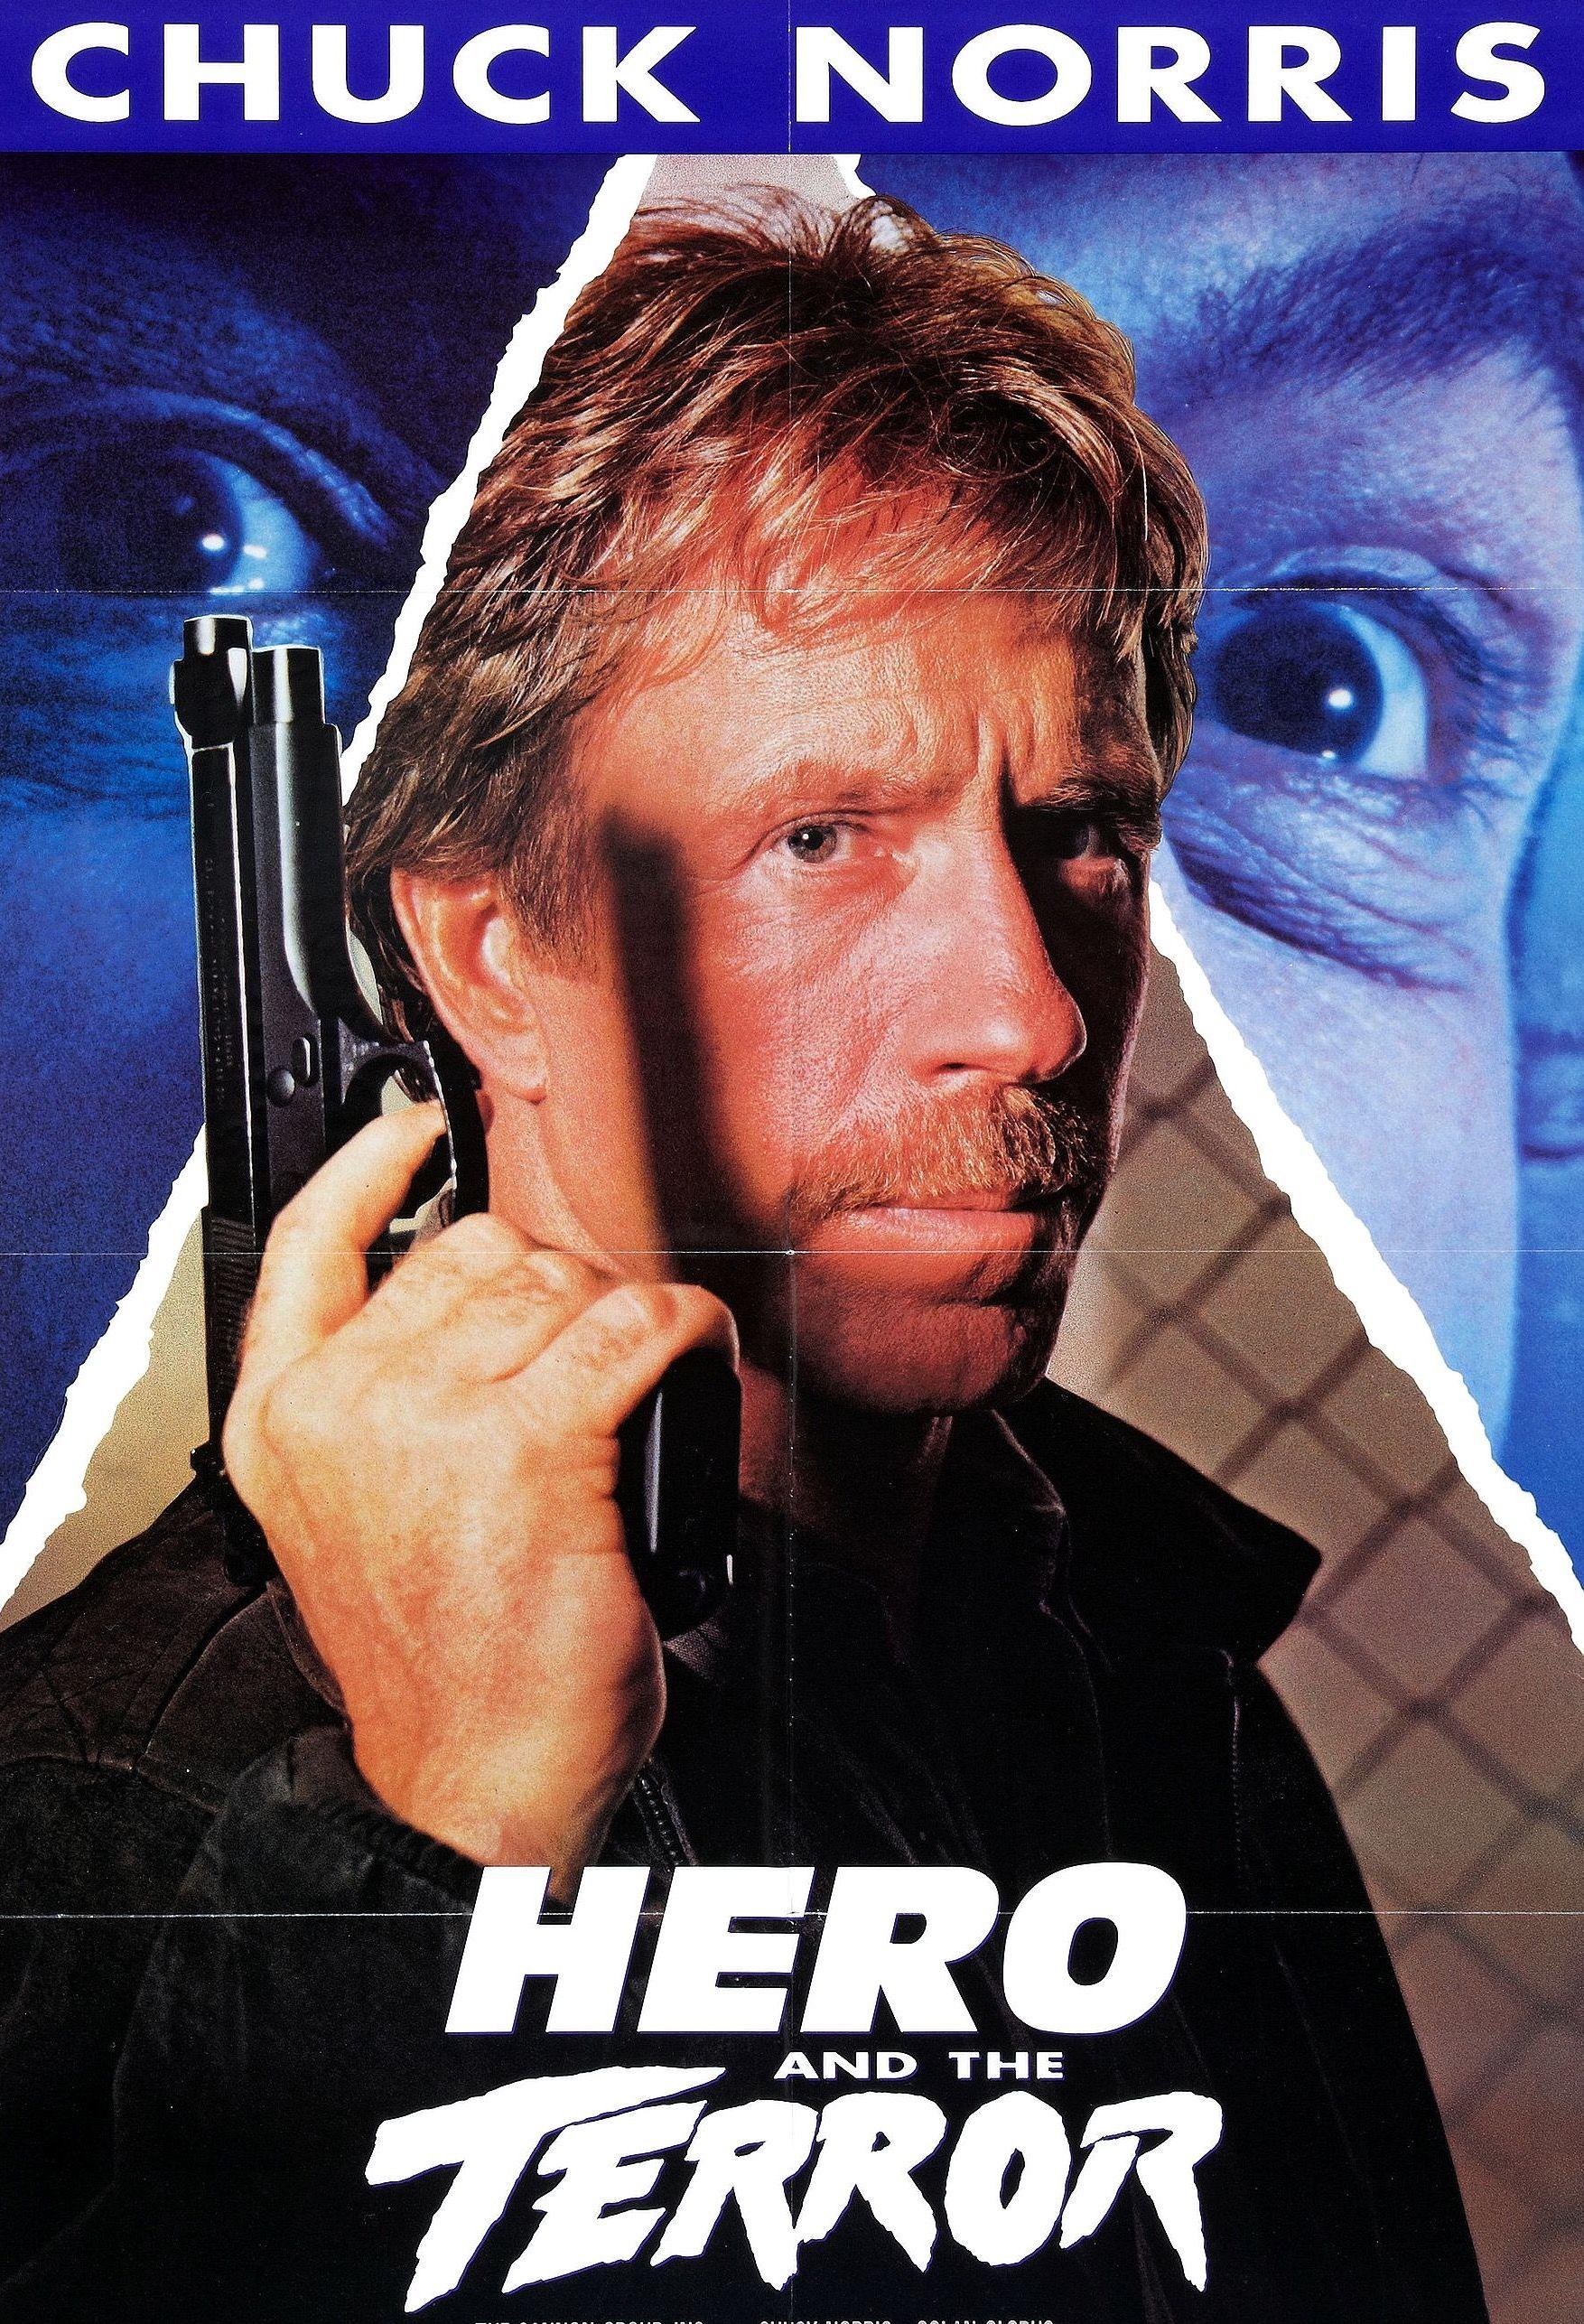 Chuck Norris Hero